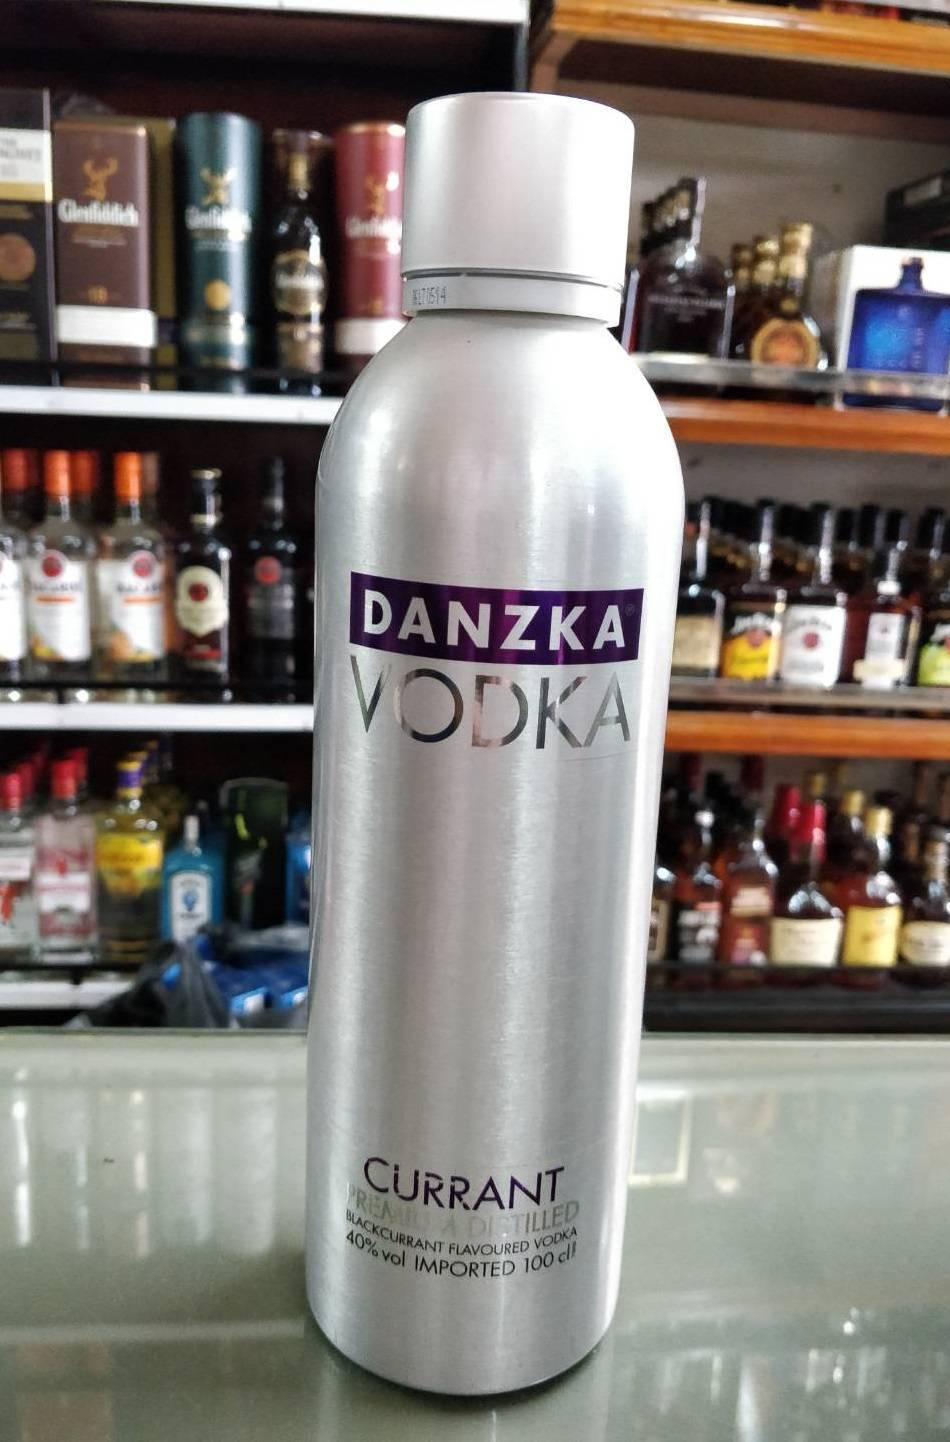 Датская водка danzka: фотографии и последние отзывы